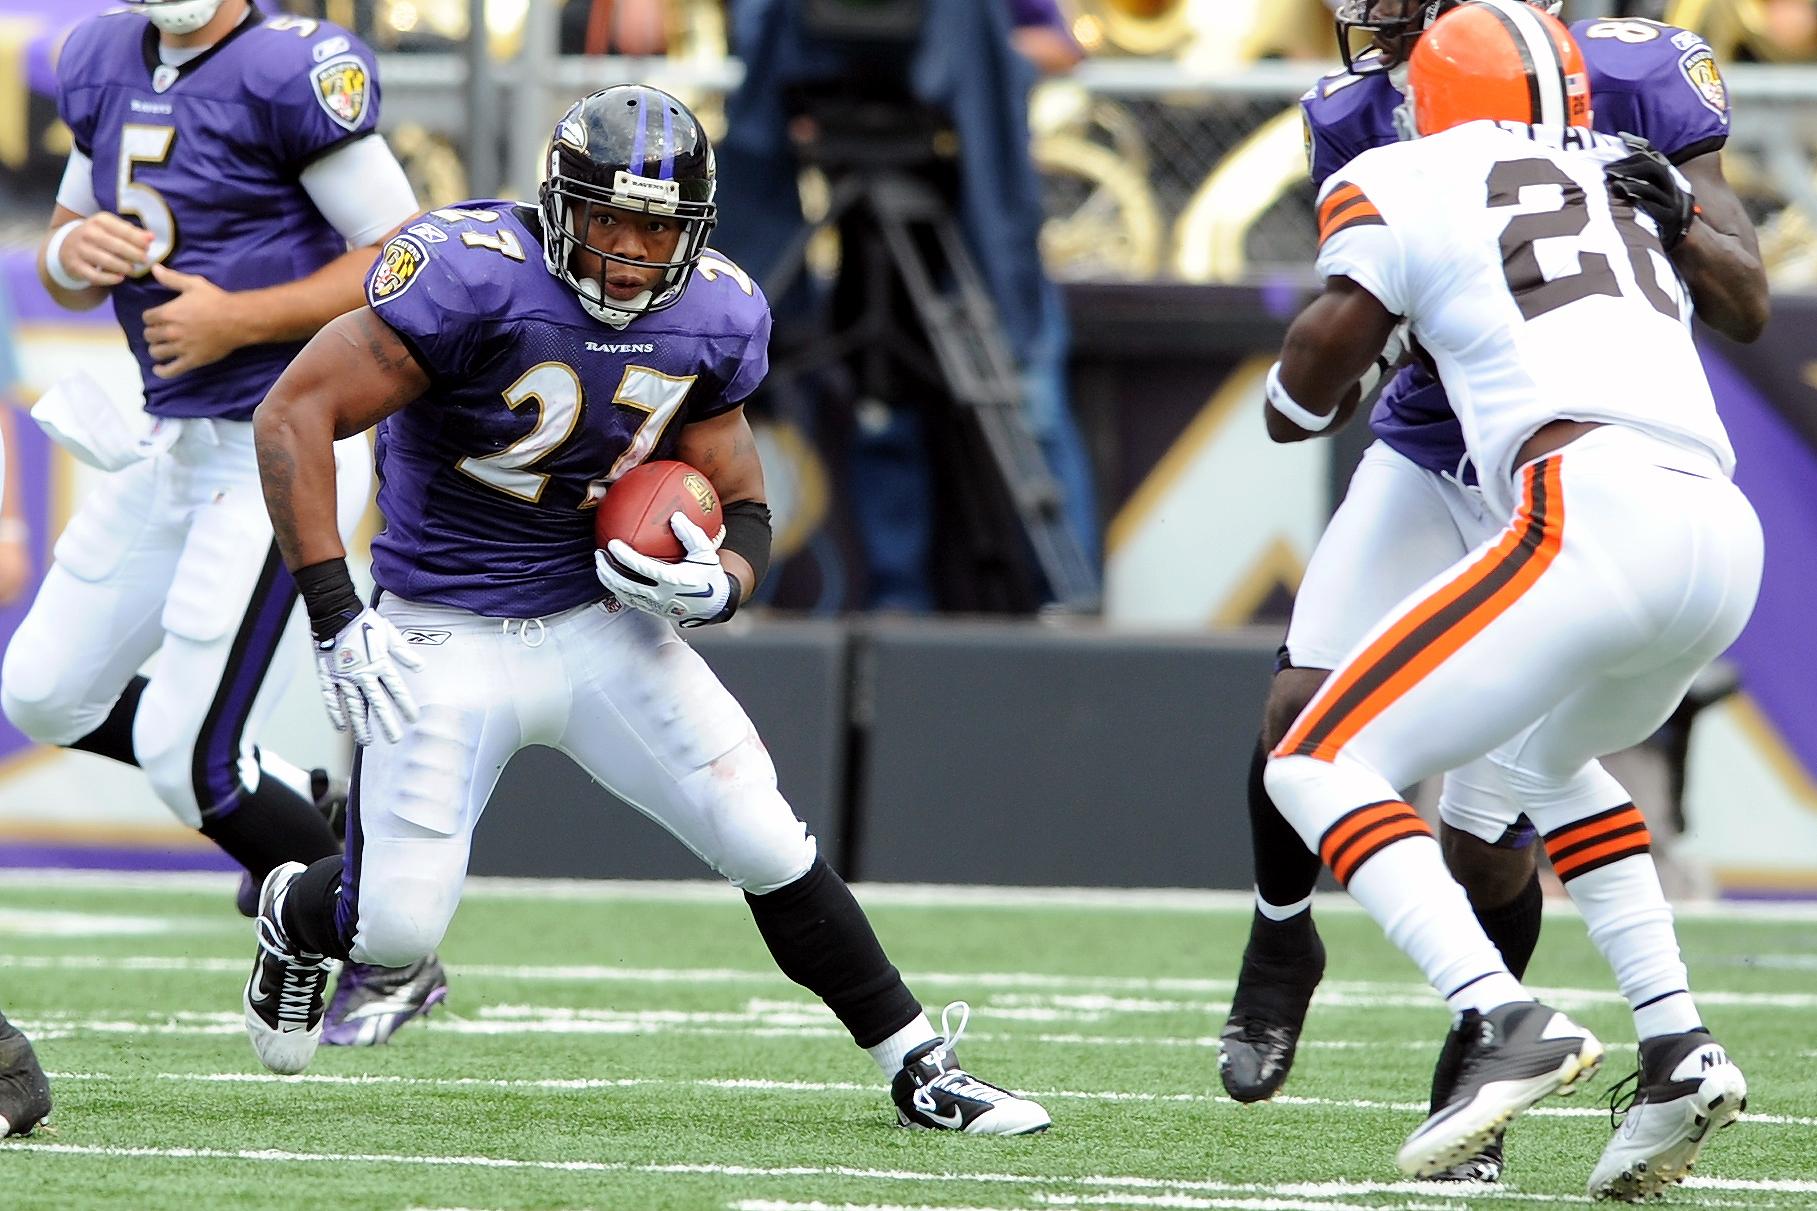 280100926_011_NFL_Browns_at_Ravens_final.JPG